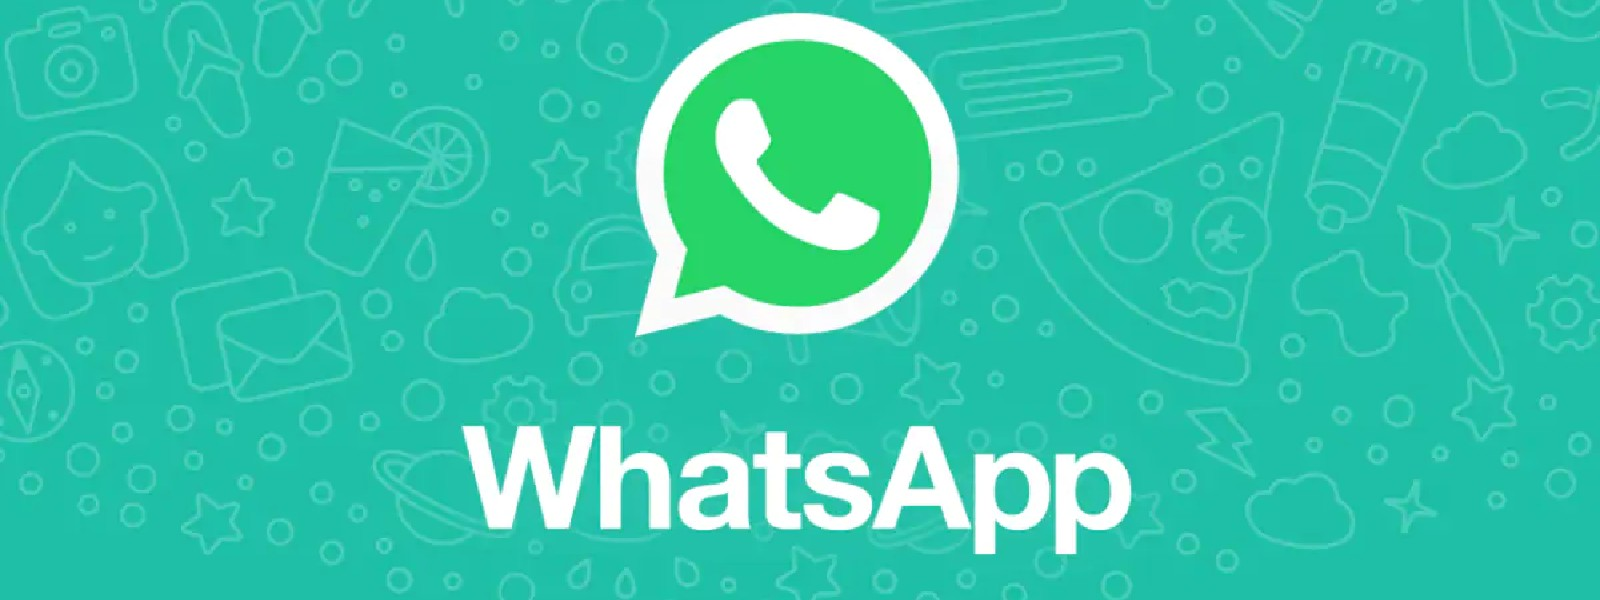 Whatsapp ஊடாக பண மோசடி: நைஜீரிய பிரஜைகள் இருவர் கைது